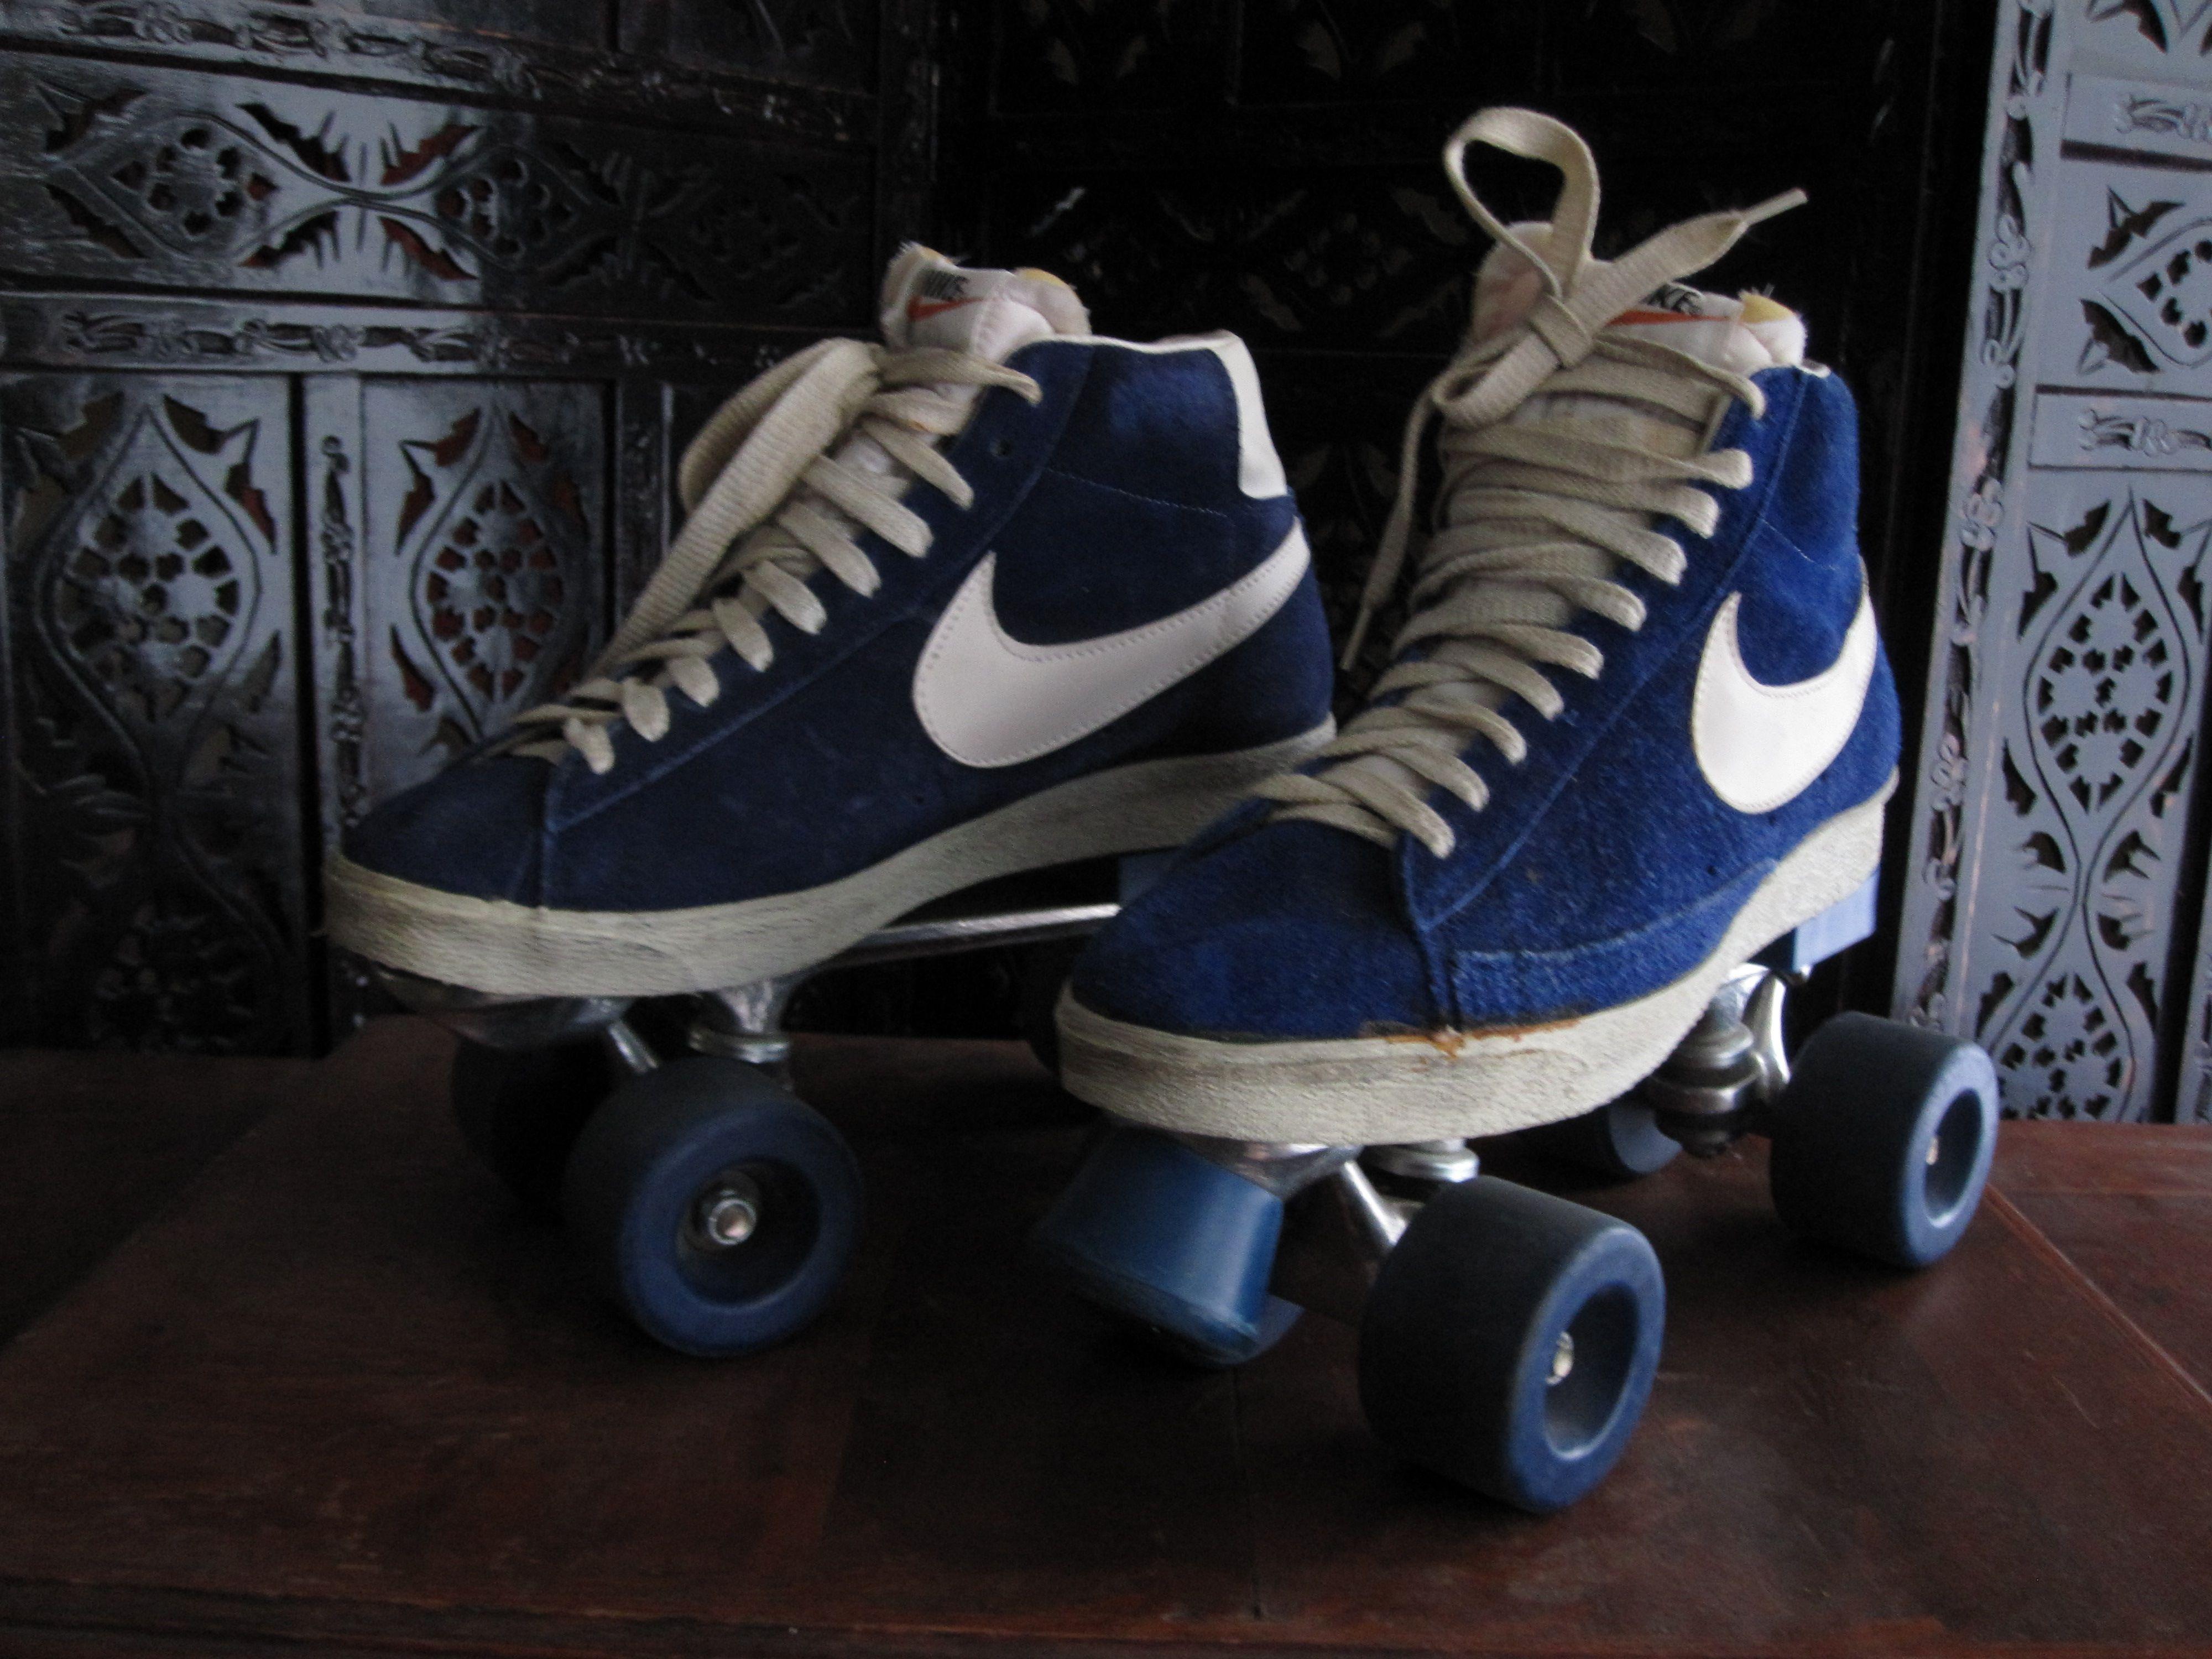 Reunited With My Vintage Nike Rollerskates At Long Last Vintage Nike Sneaker Head Nike